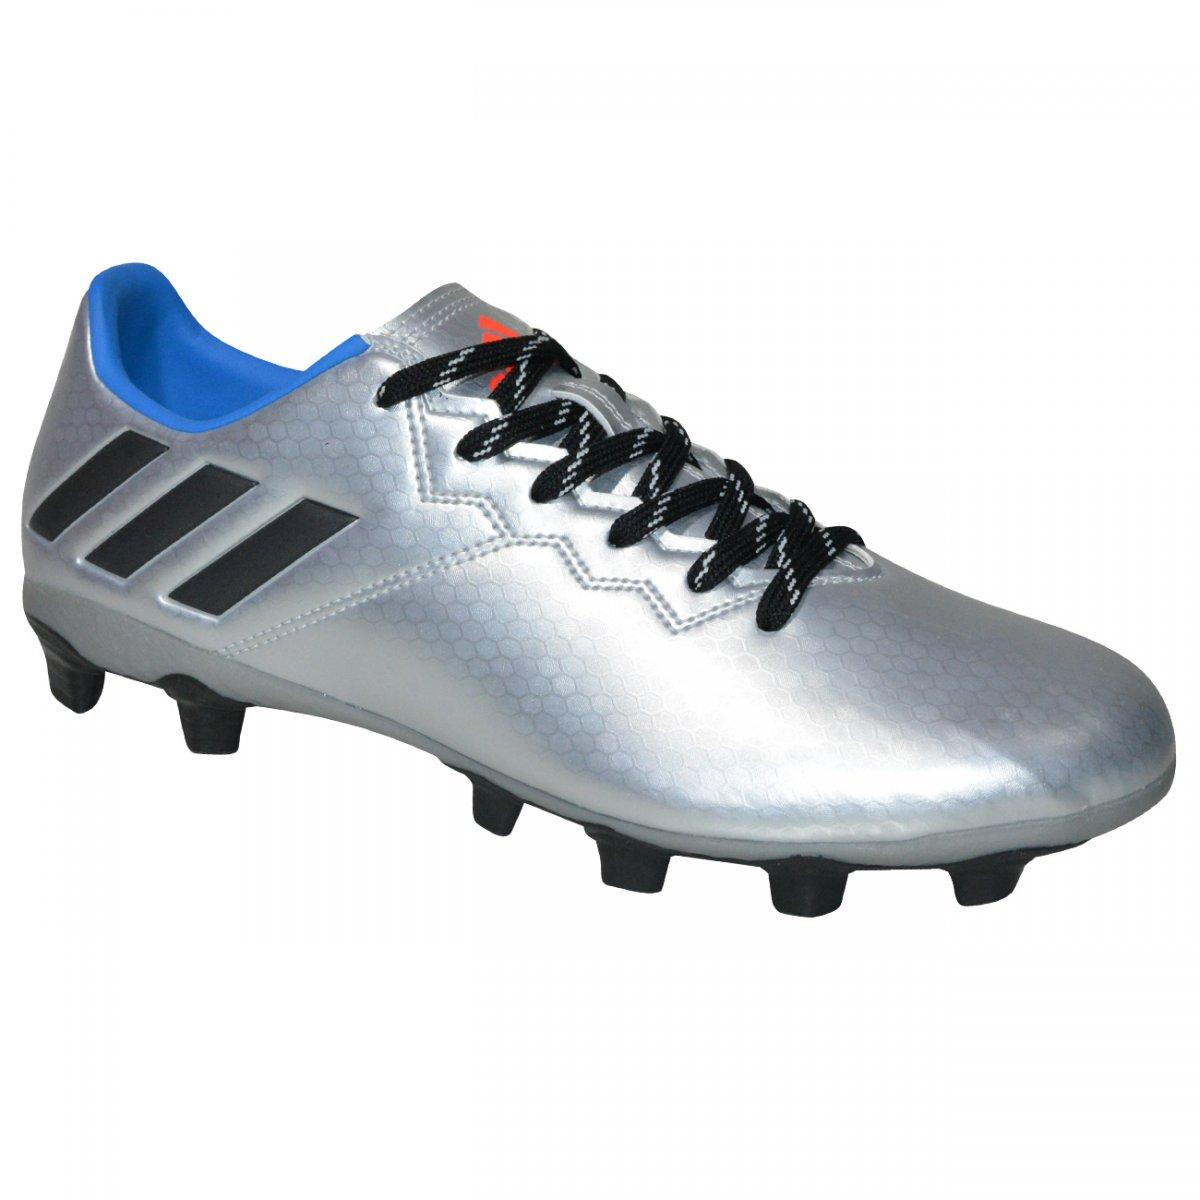 171b38f020 ... Chuteira Adidas Messi 16.4. ZOOM